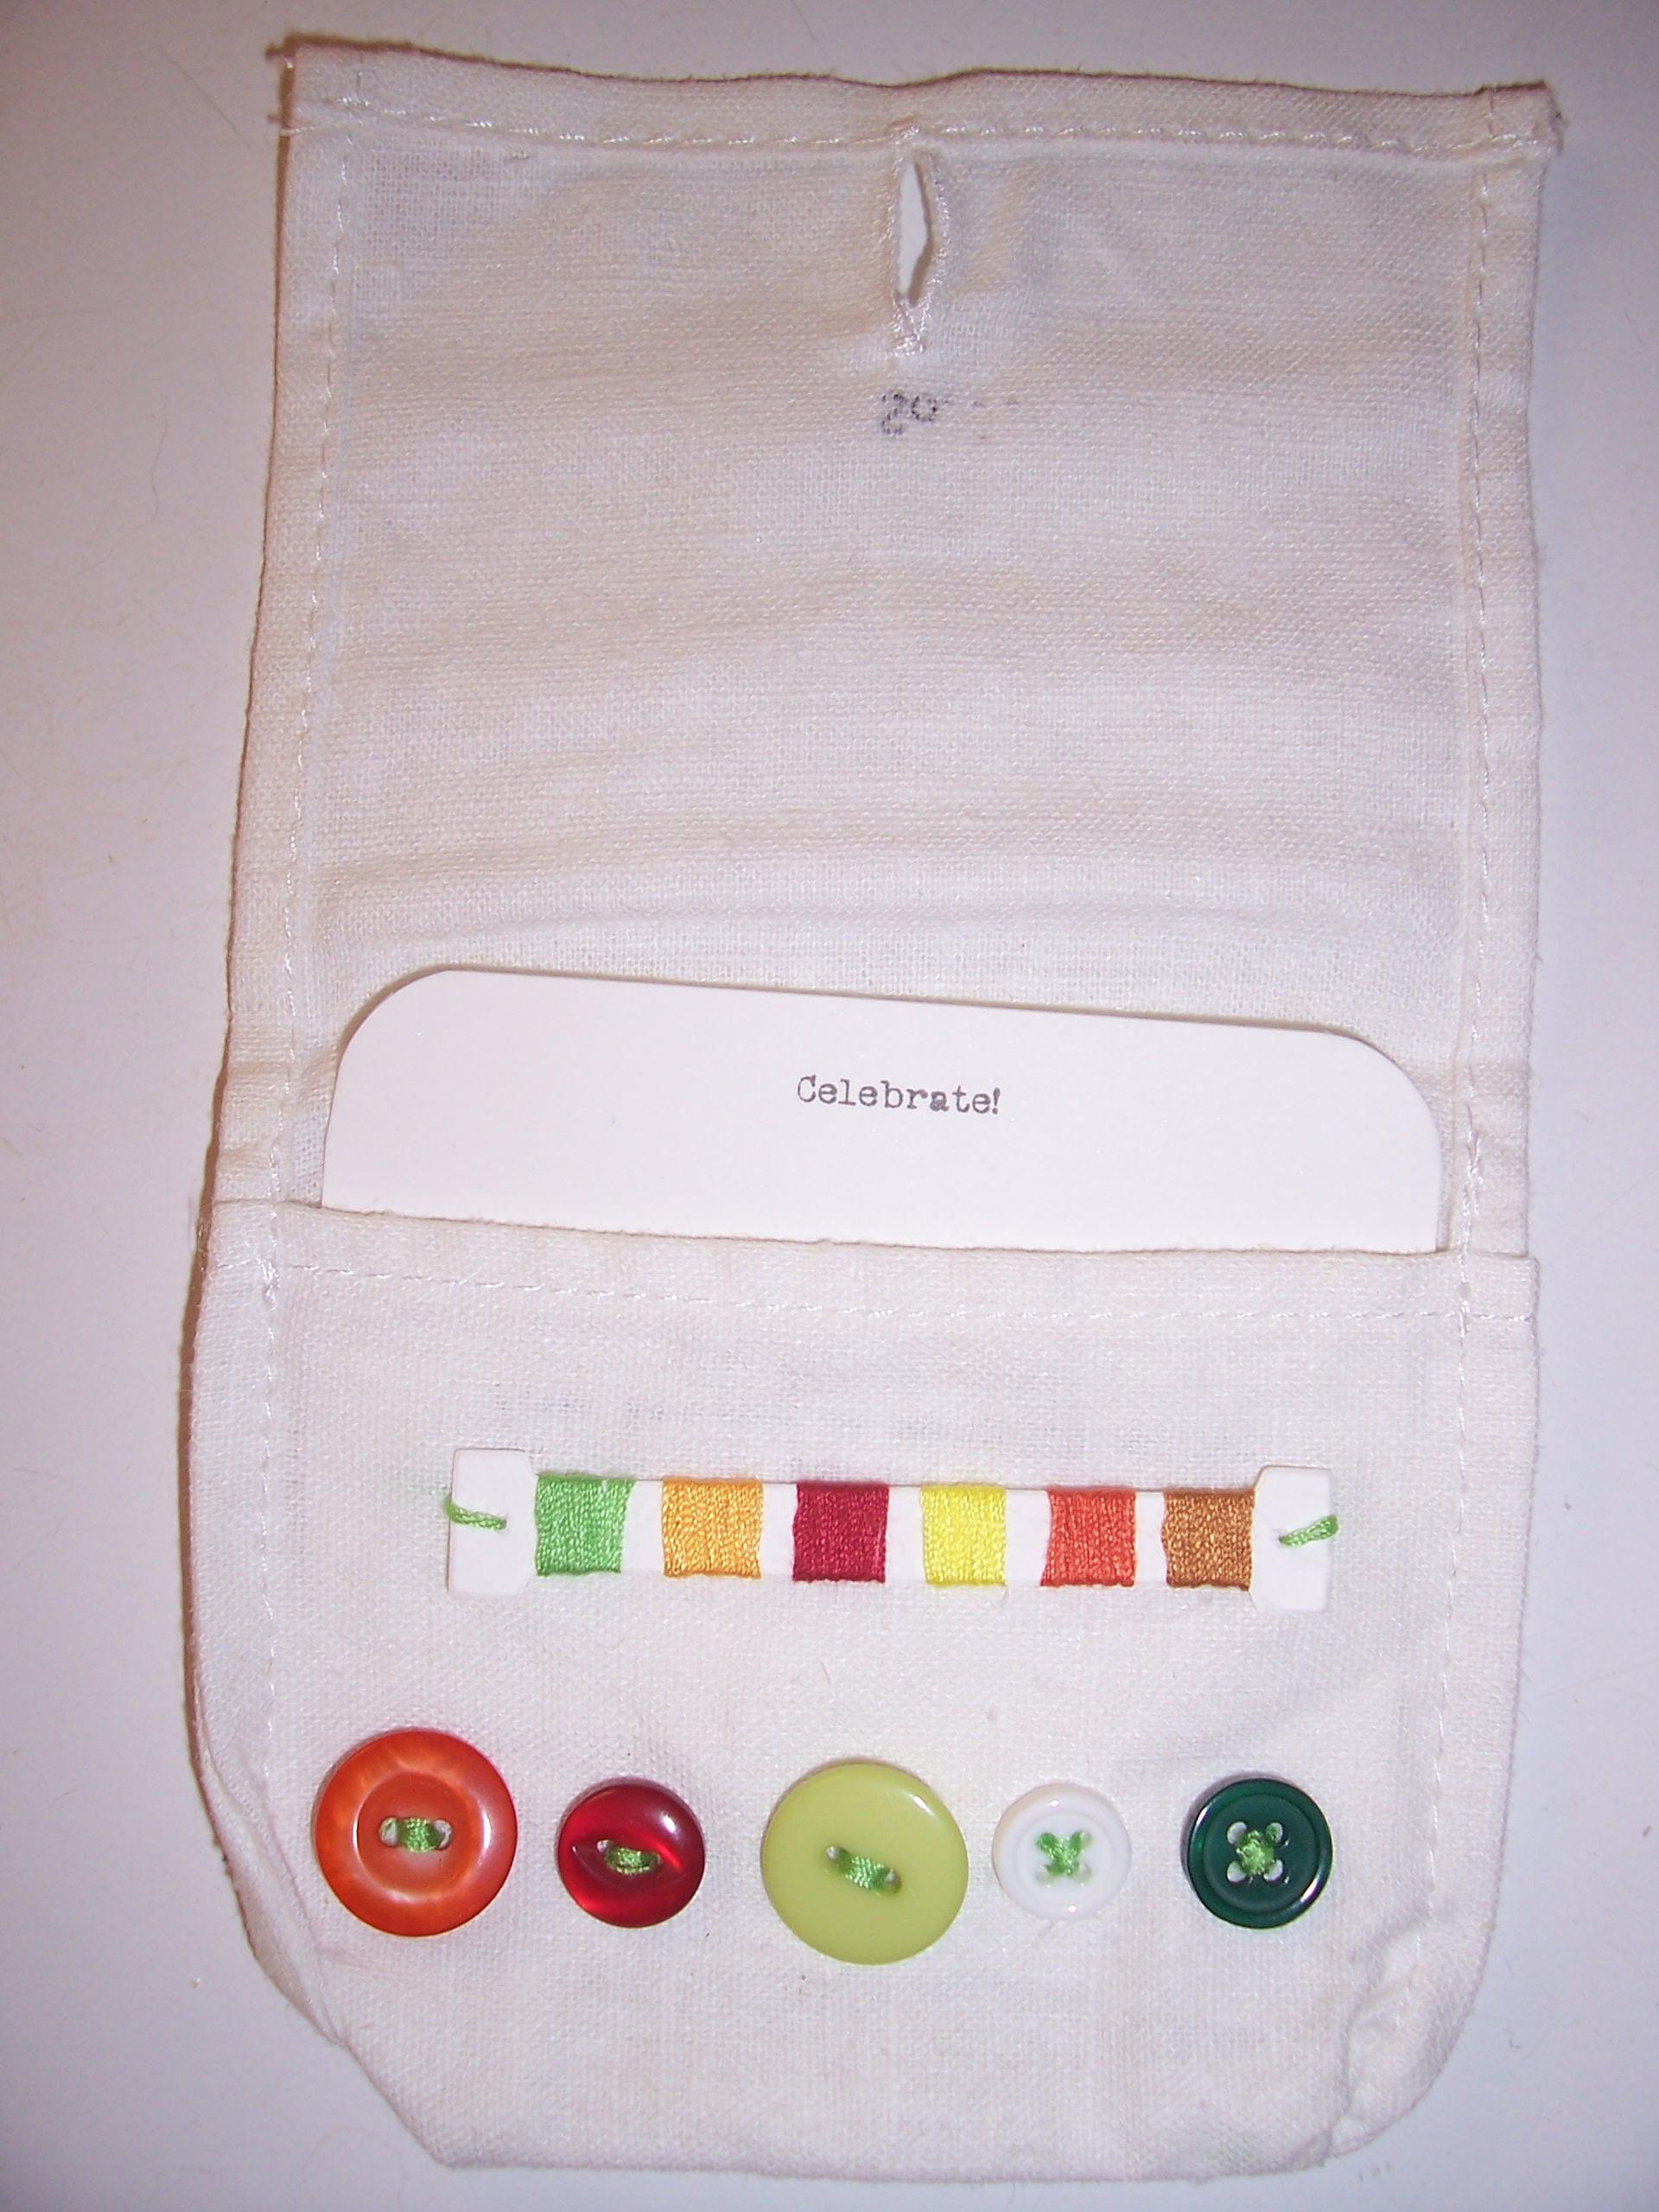 Anthropologie sewing kit